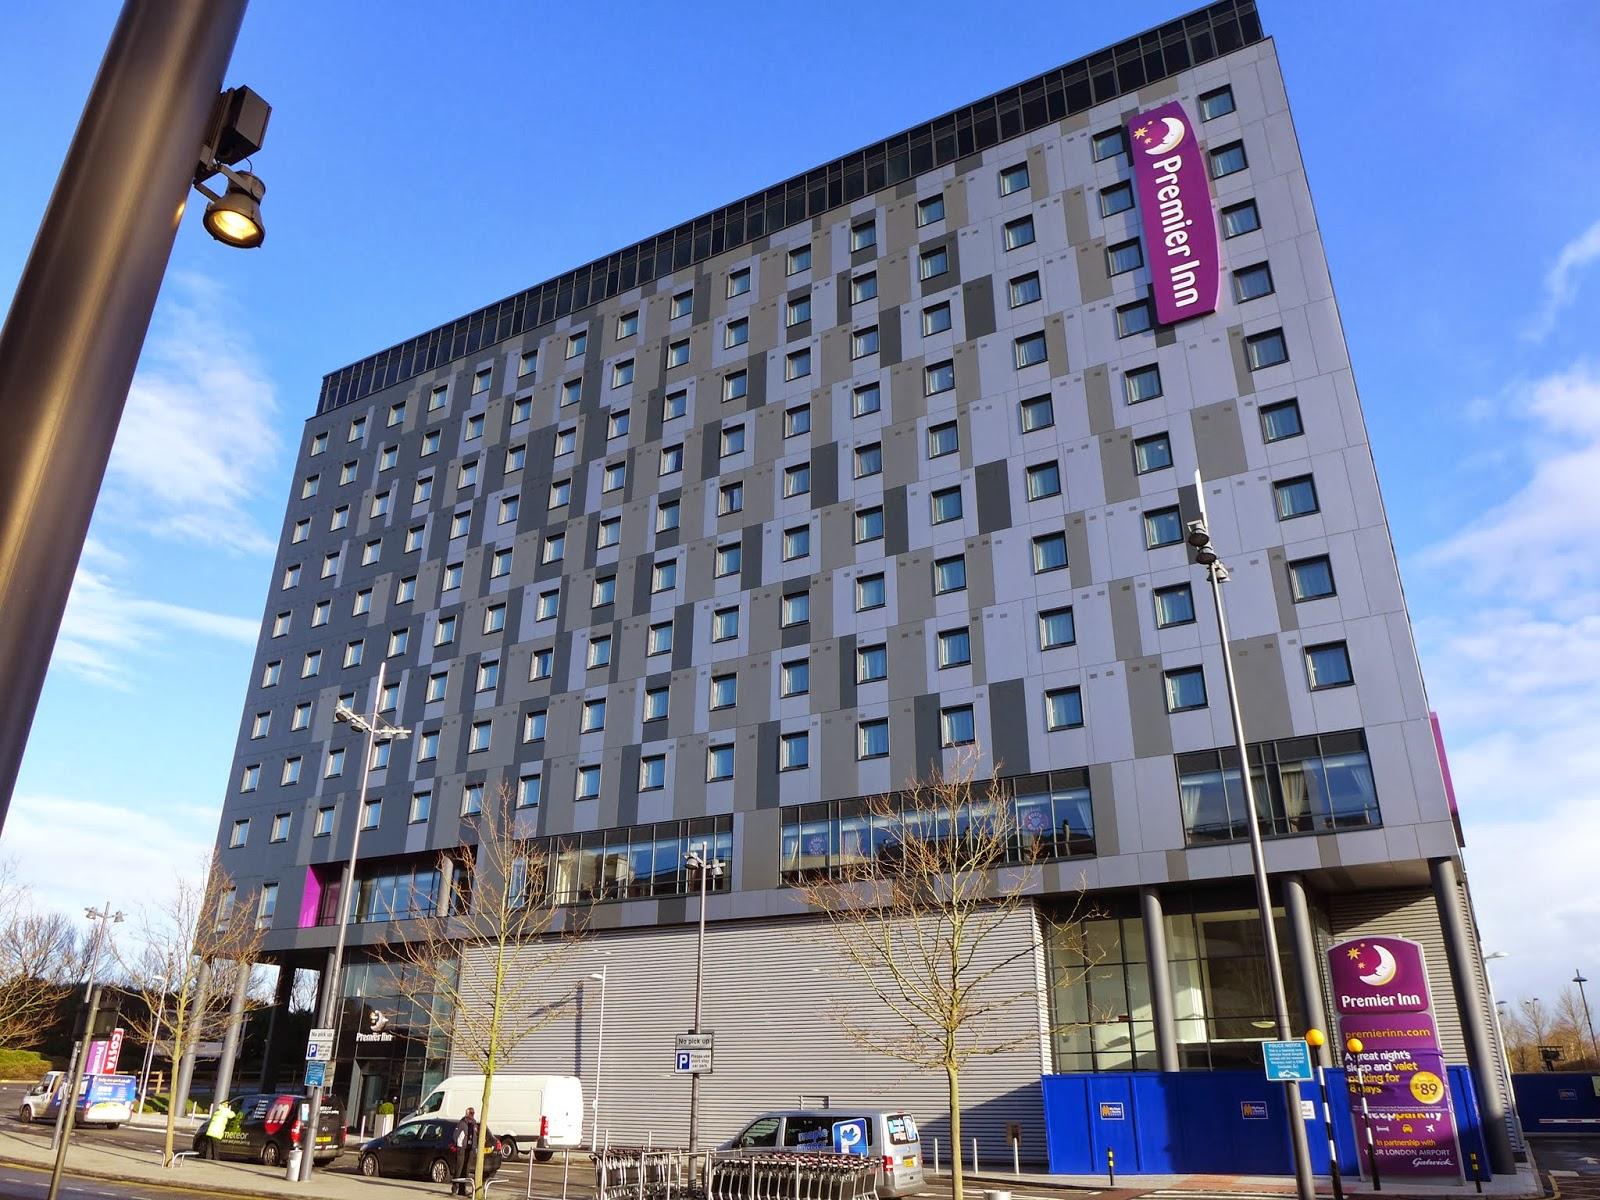 Premier Inn London County Hall Hotel, England